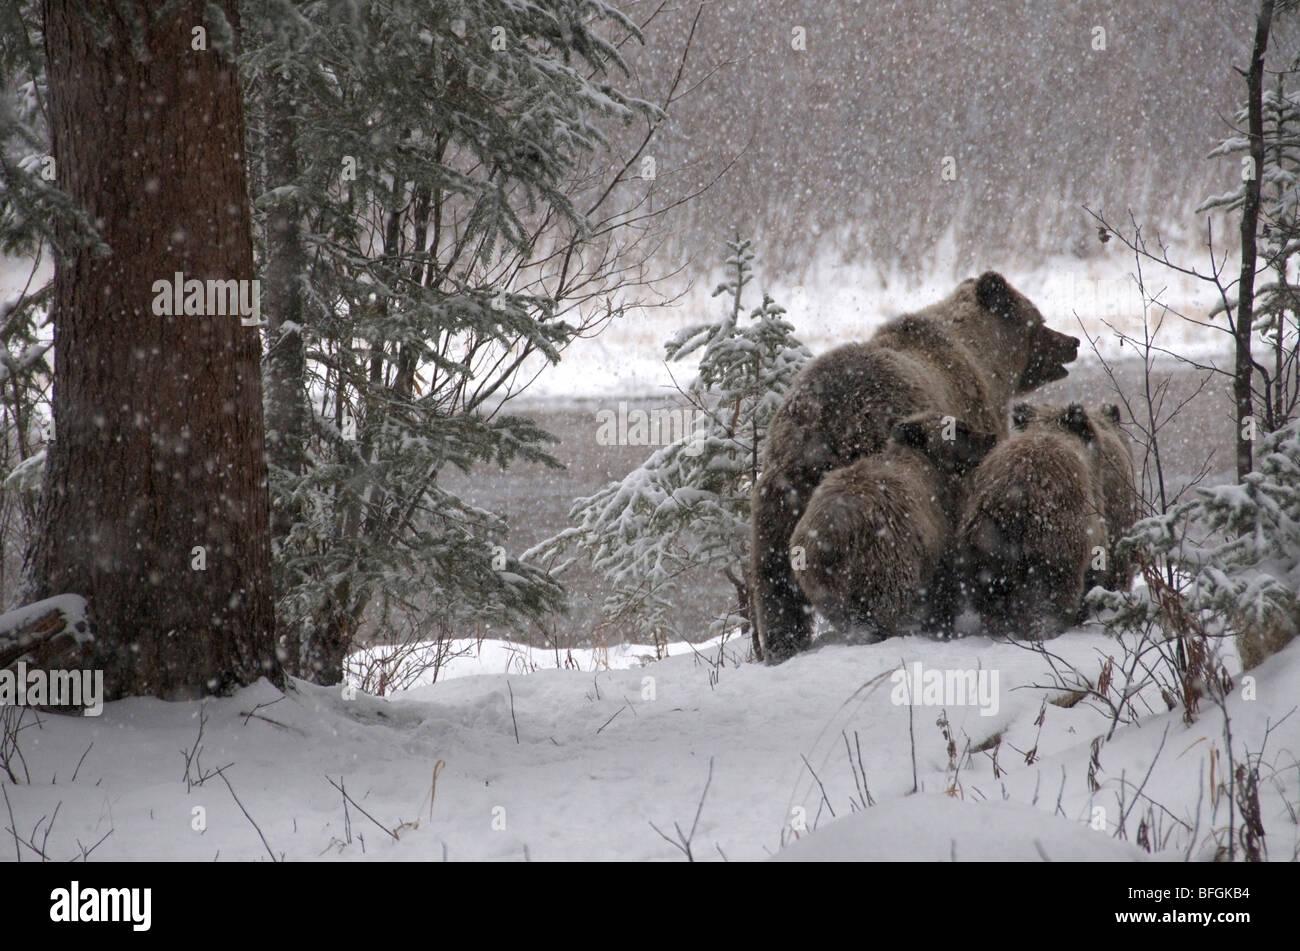 Ours grizzli (Ursus arctos) sow et 1ère année d'oursons marche à travers la forêt enneigée. Photo Stock